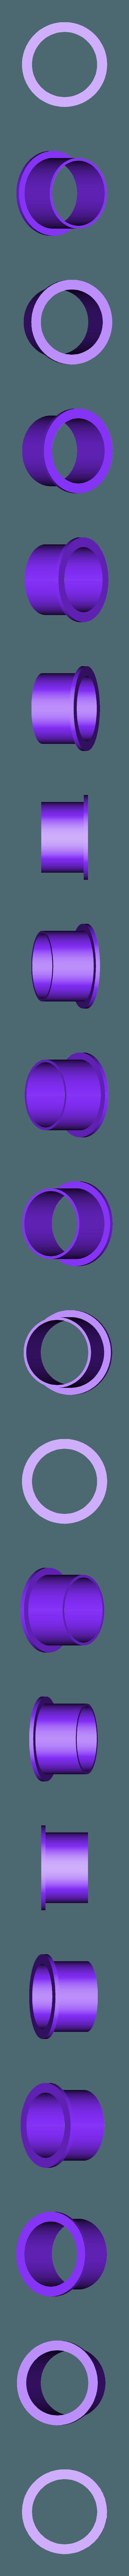 ring_klein.stl Télécharger fichier STL gratuit Pièces 3D pour l'imprimante Ceramic DIY • Objet à imprimer en 3D, fgeer